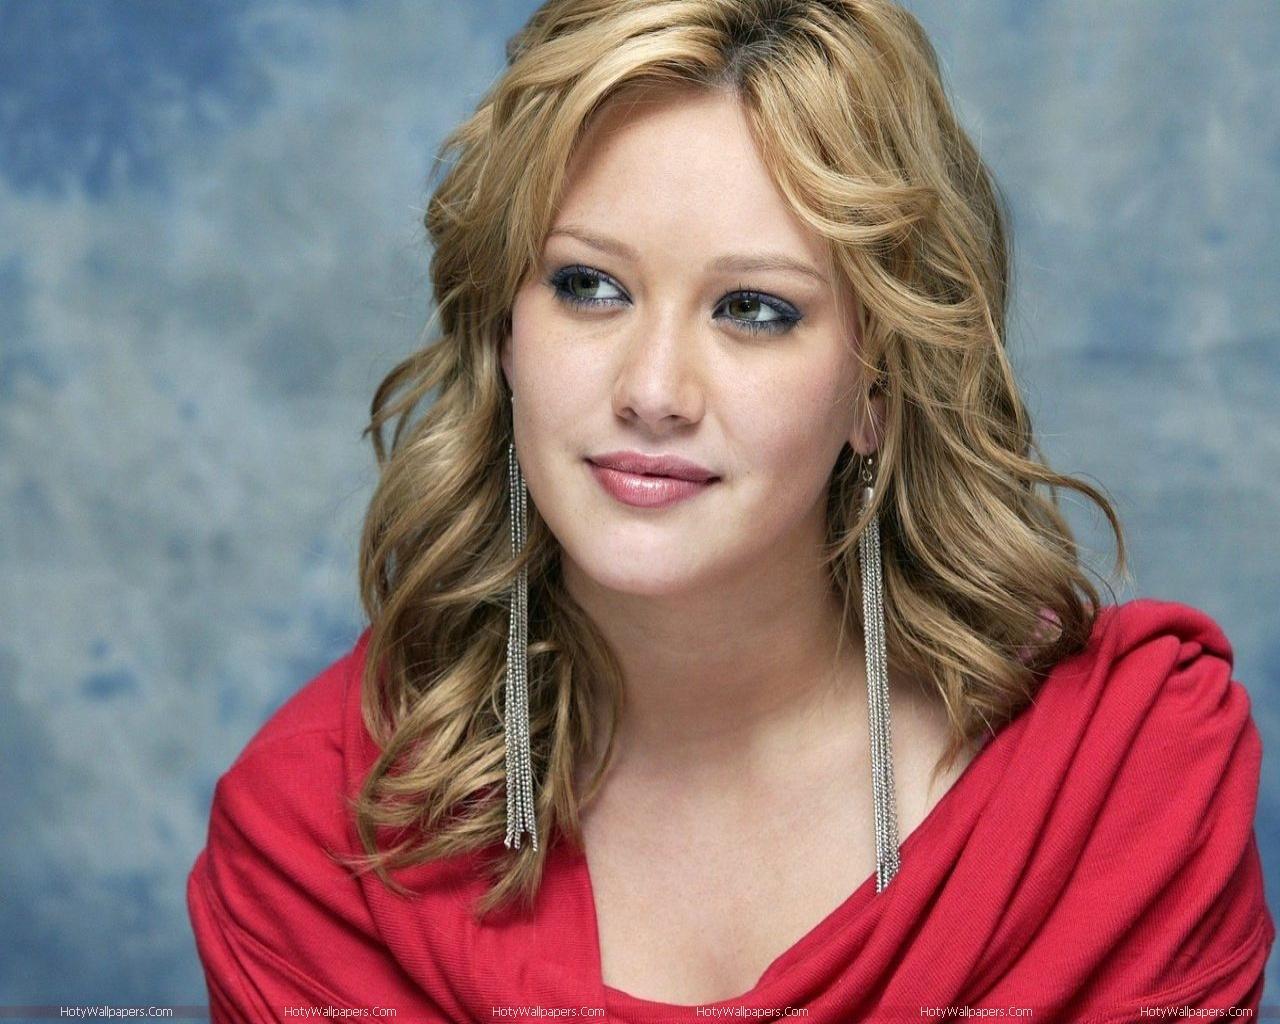 http://3.bp.blogspot.com/-sXln63GNdPU/TmSW2M_k96I/AAAAAAAAKRg/oHPQN2Q_I2w/s1600/Hilary_Duff_beautiful-wallpaper.jpg